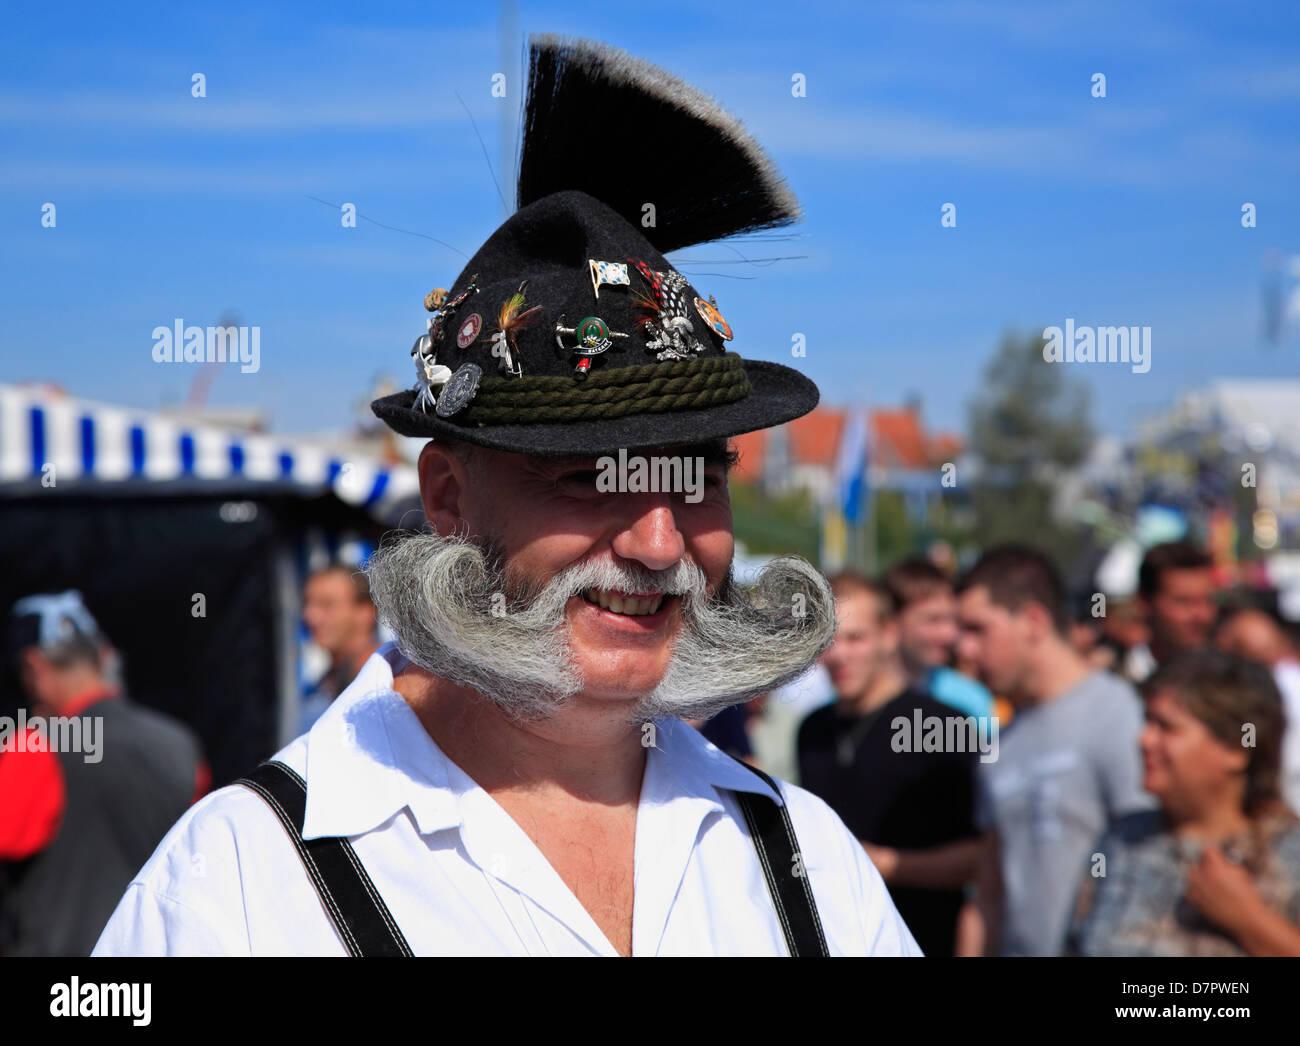 L'Oktoberfest, Theresienwiese à bavarois traditionnel vieux de foire, Munich, Bavière, Allemagne Photo Stock